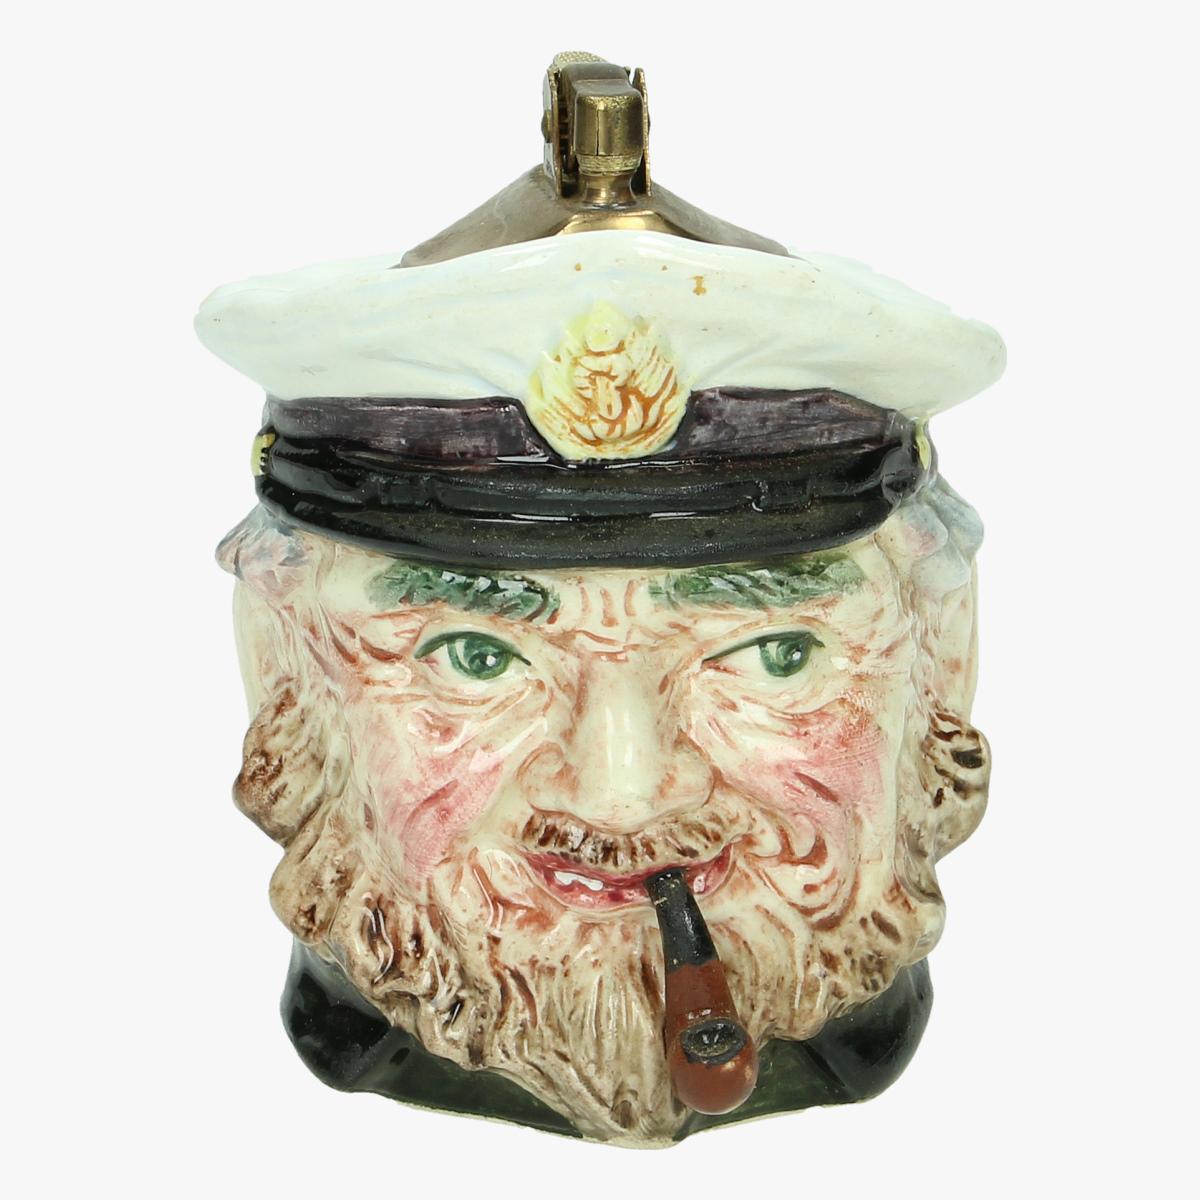 Afbeeldingen van oude aansteker porseleine zeeman